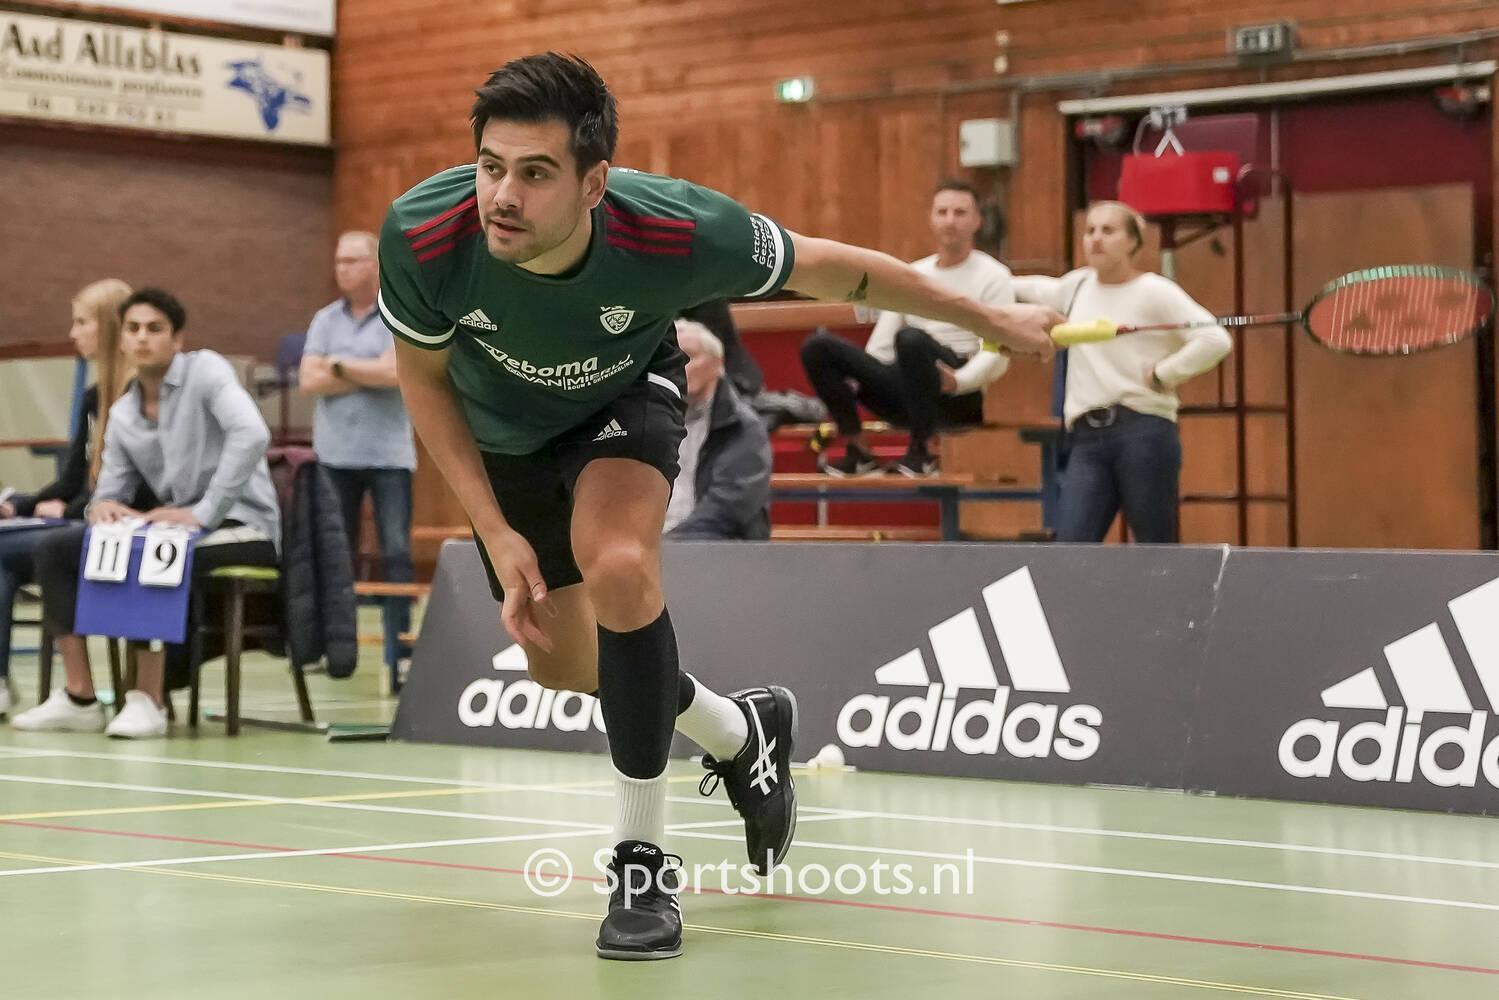 VELO Badminton nestelt zich in de top 5